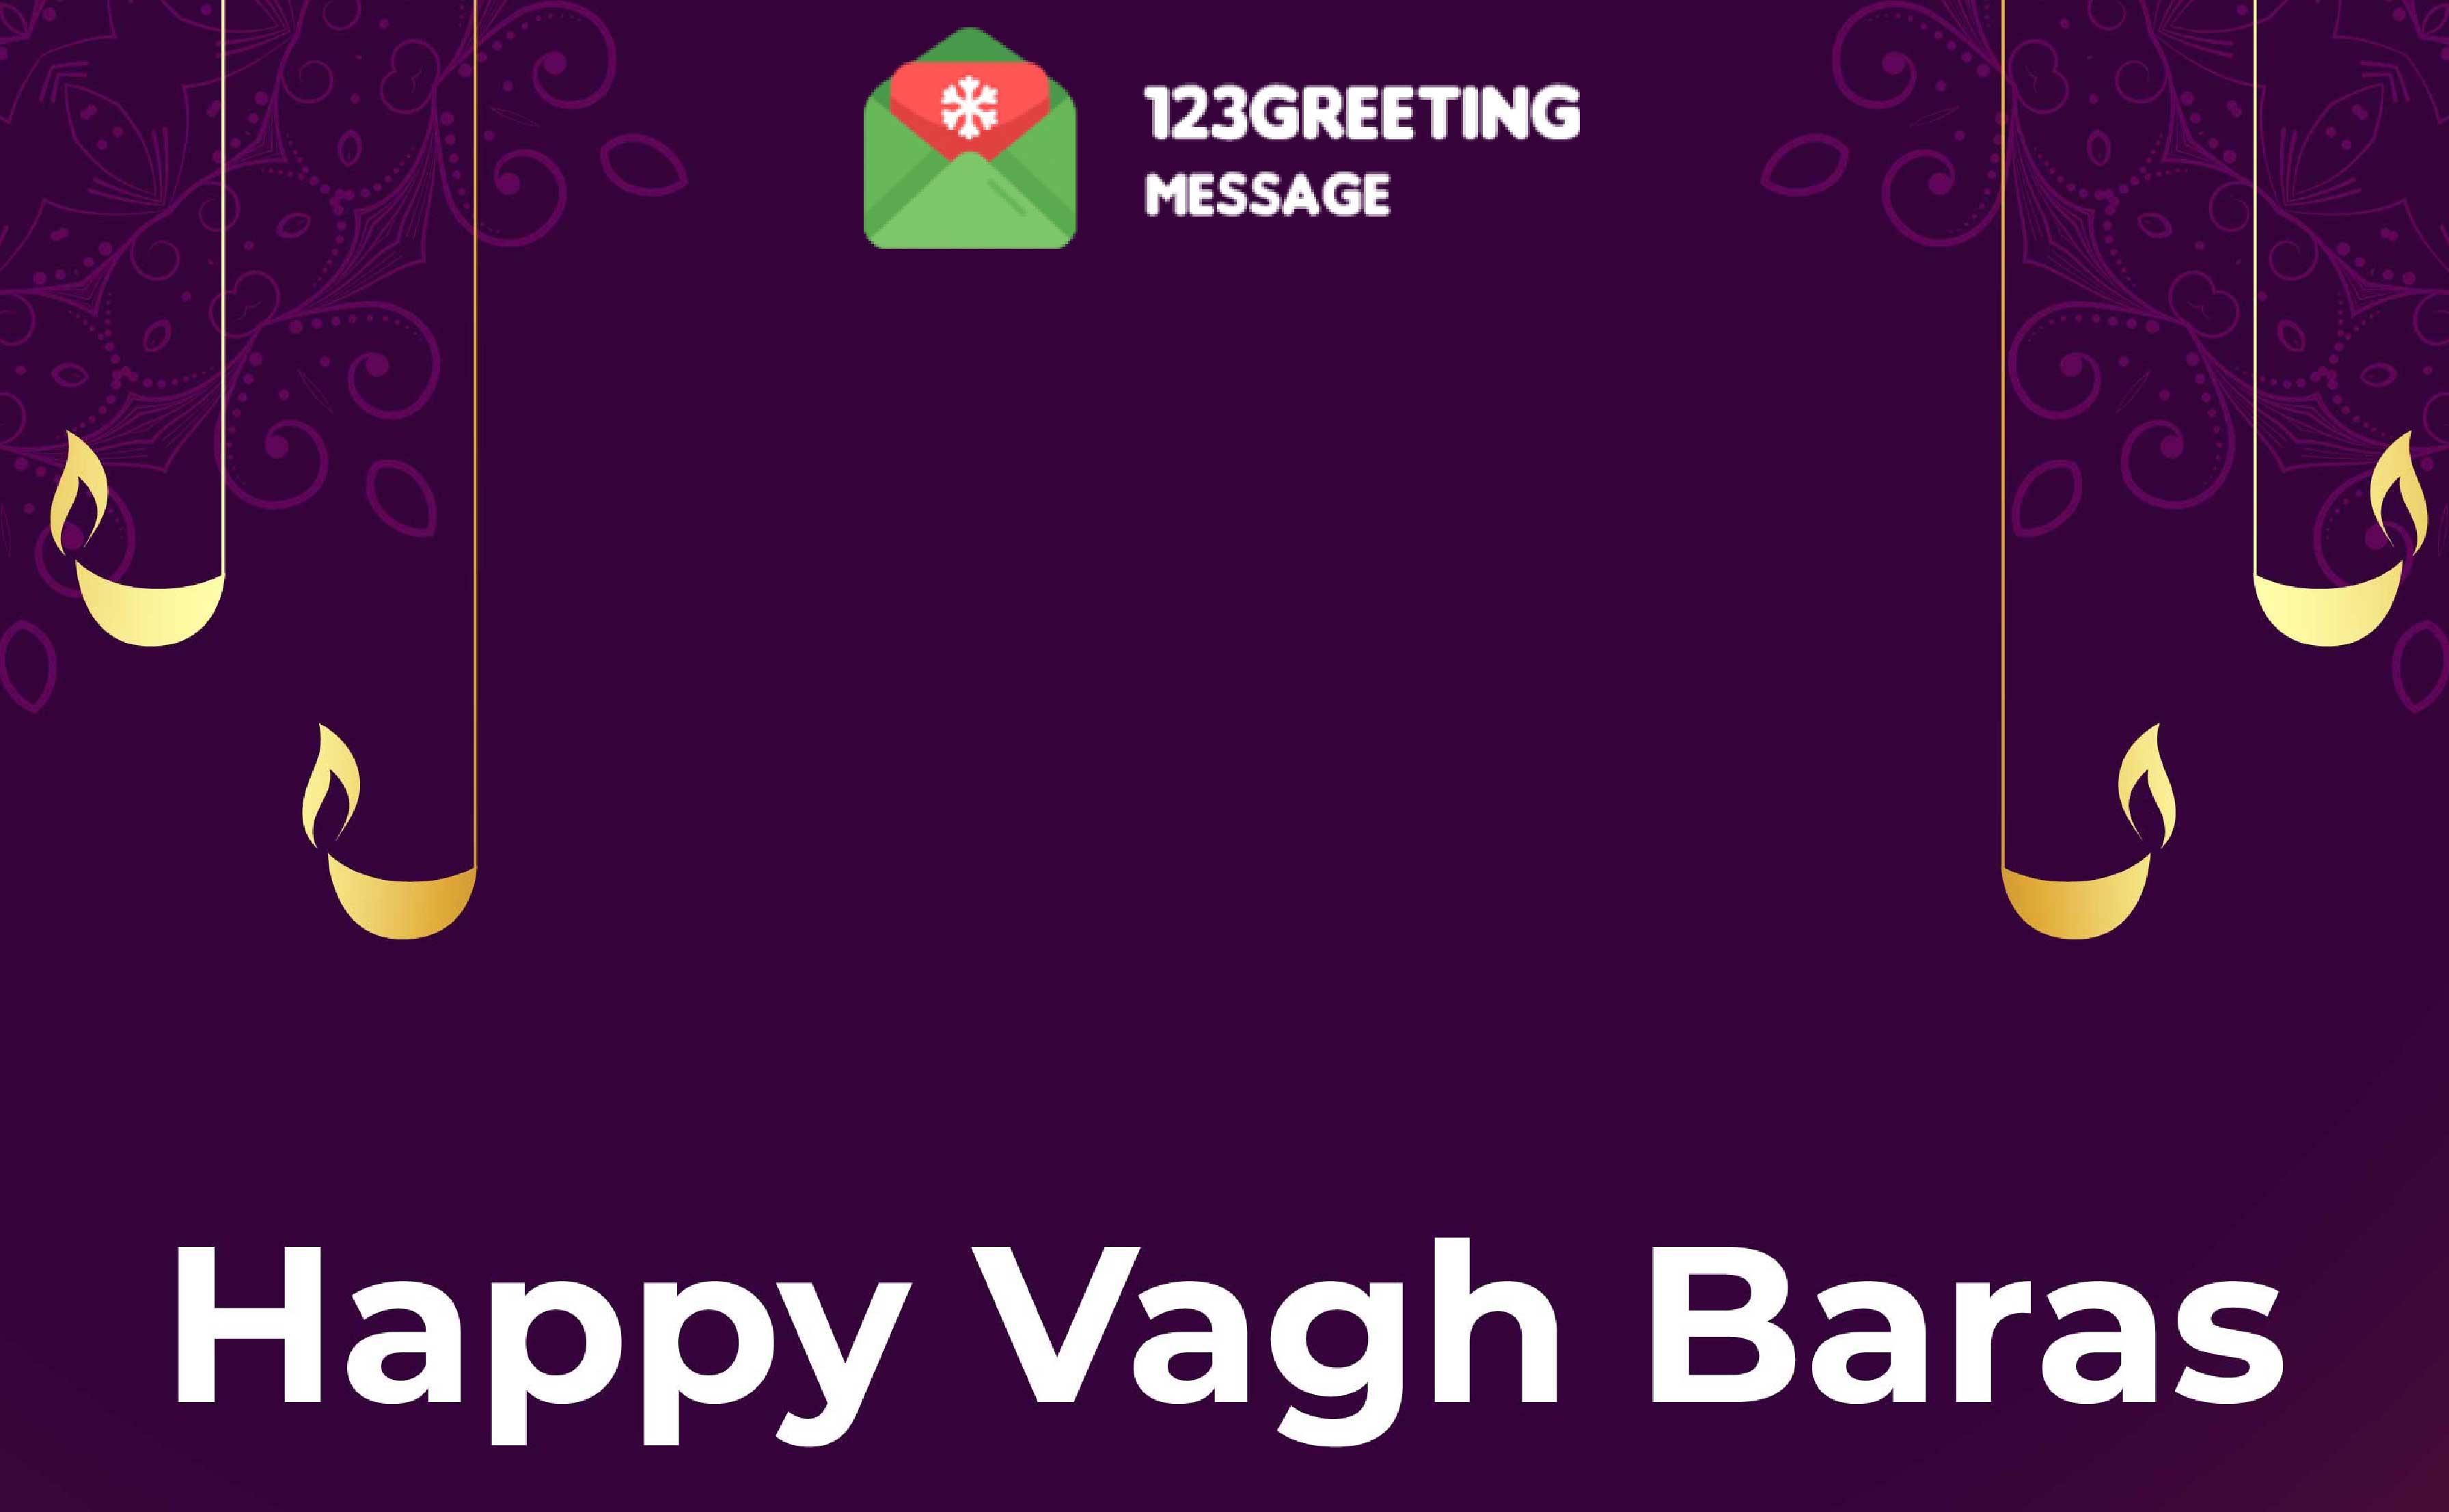 Vagh Baras Messages